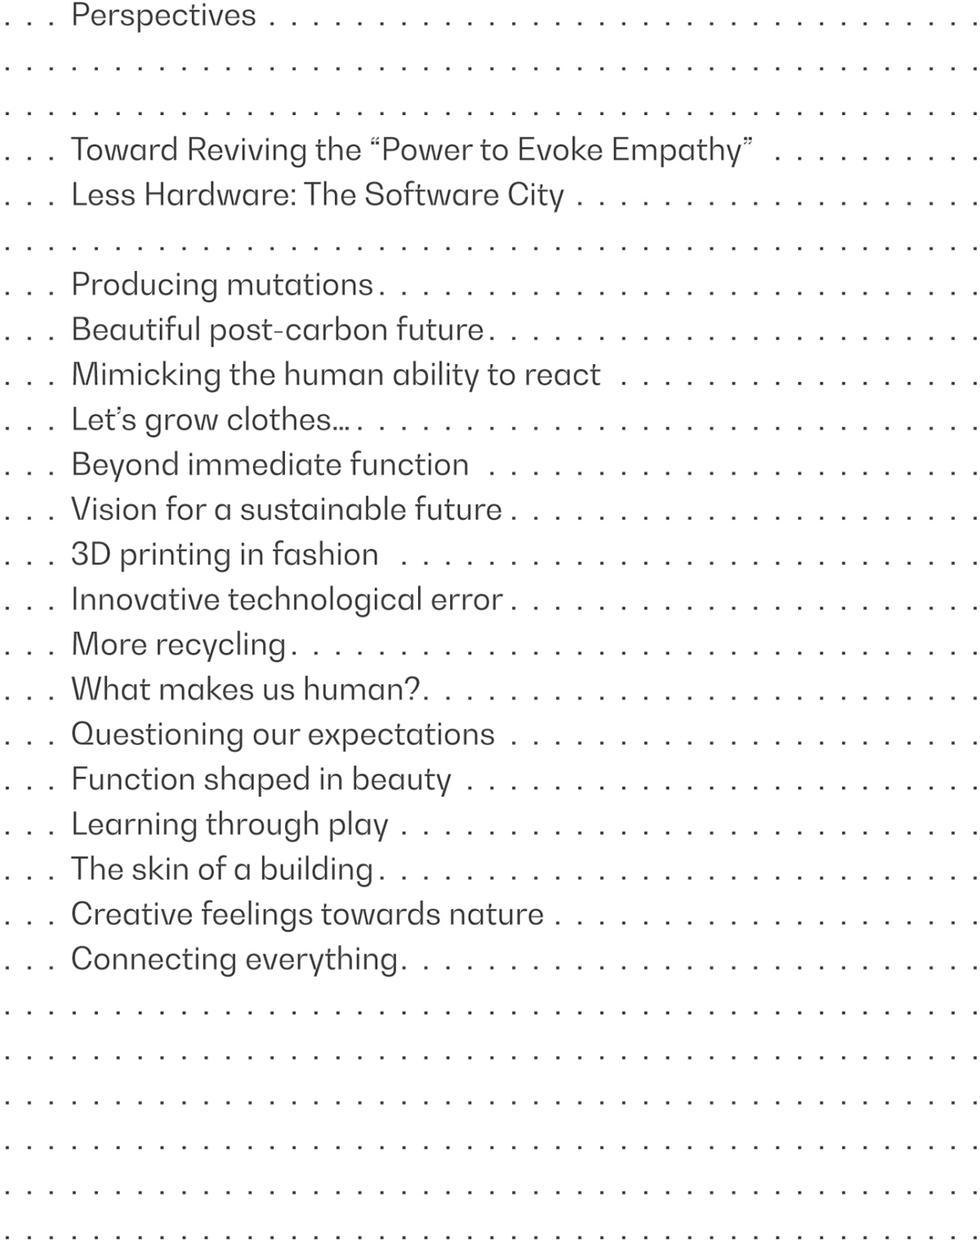 Laka Perspectives 2: projektowanie dla świata przyszłości